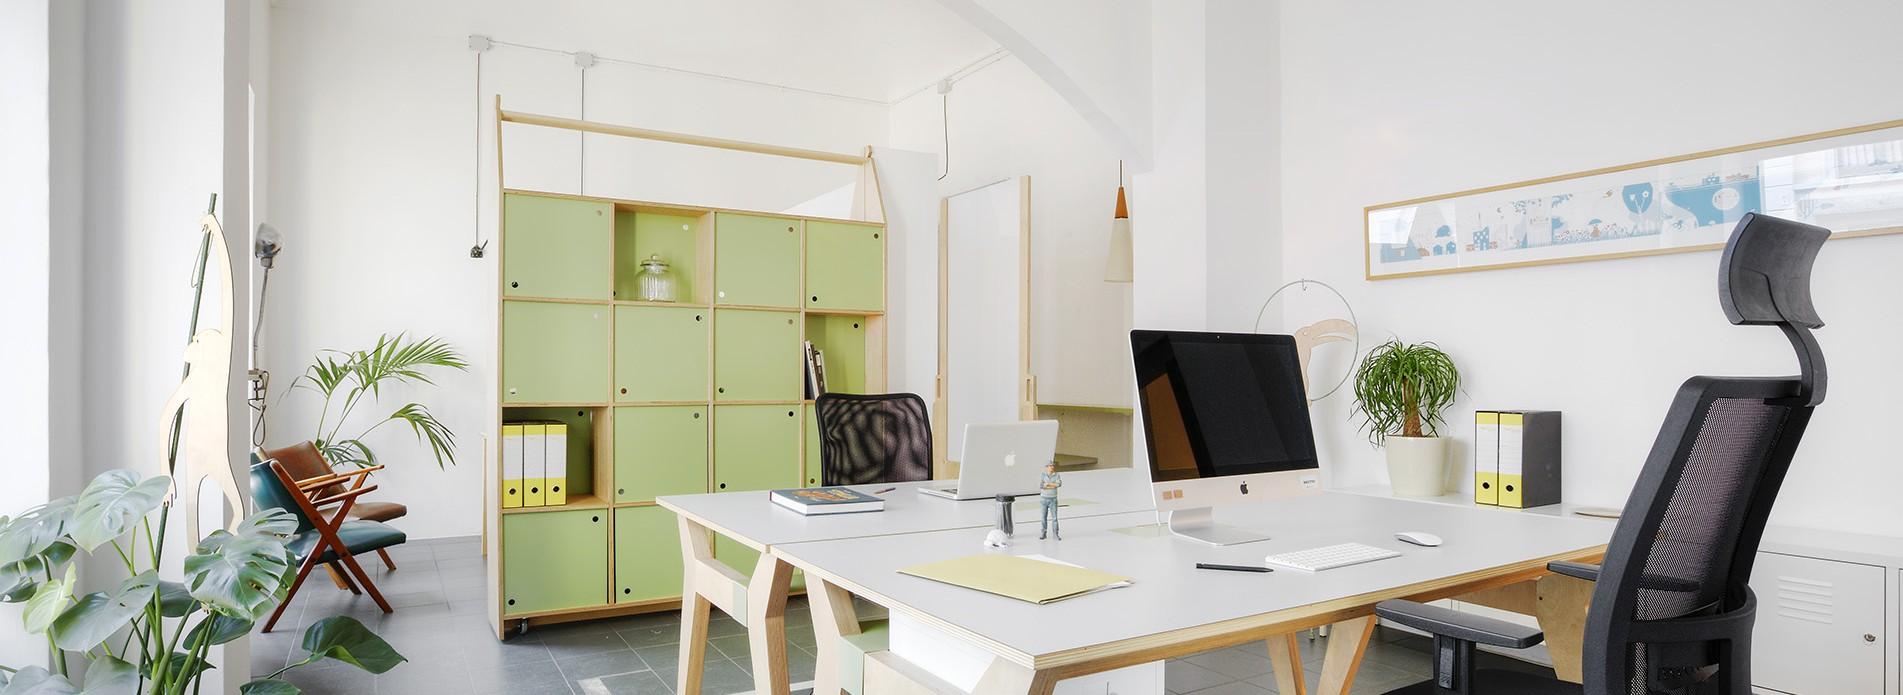 Studio VAN